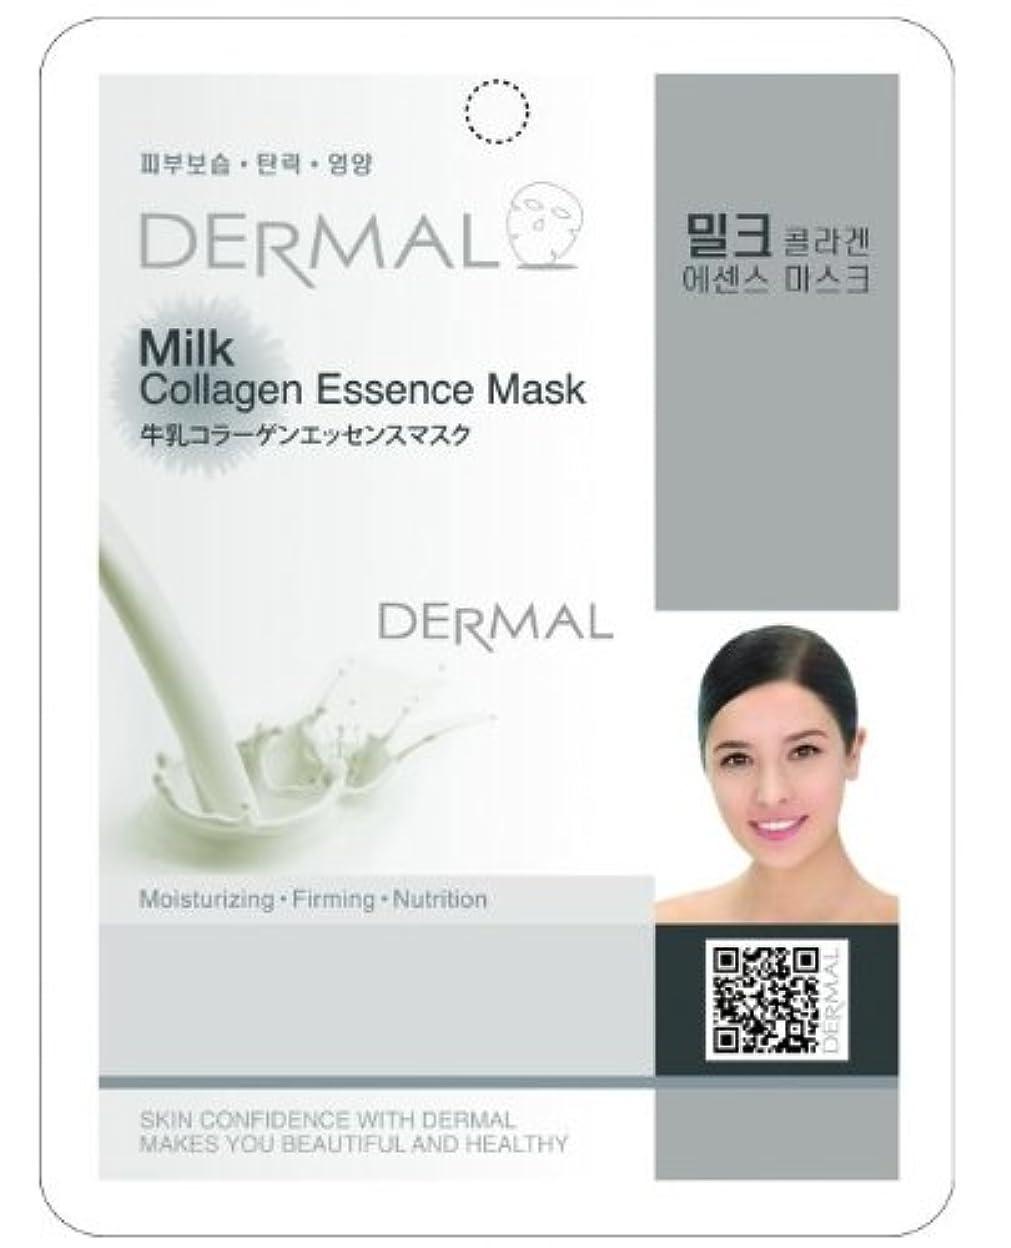 検査腐敗あたりミルクシートマスク(フェイスパック) 100枚セット ダーマル(Dermal)